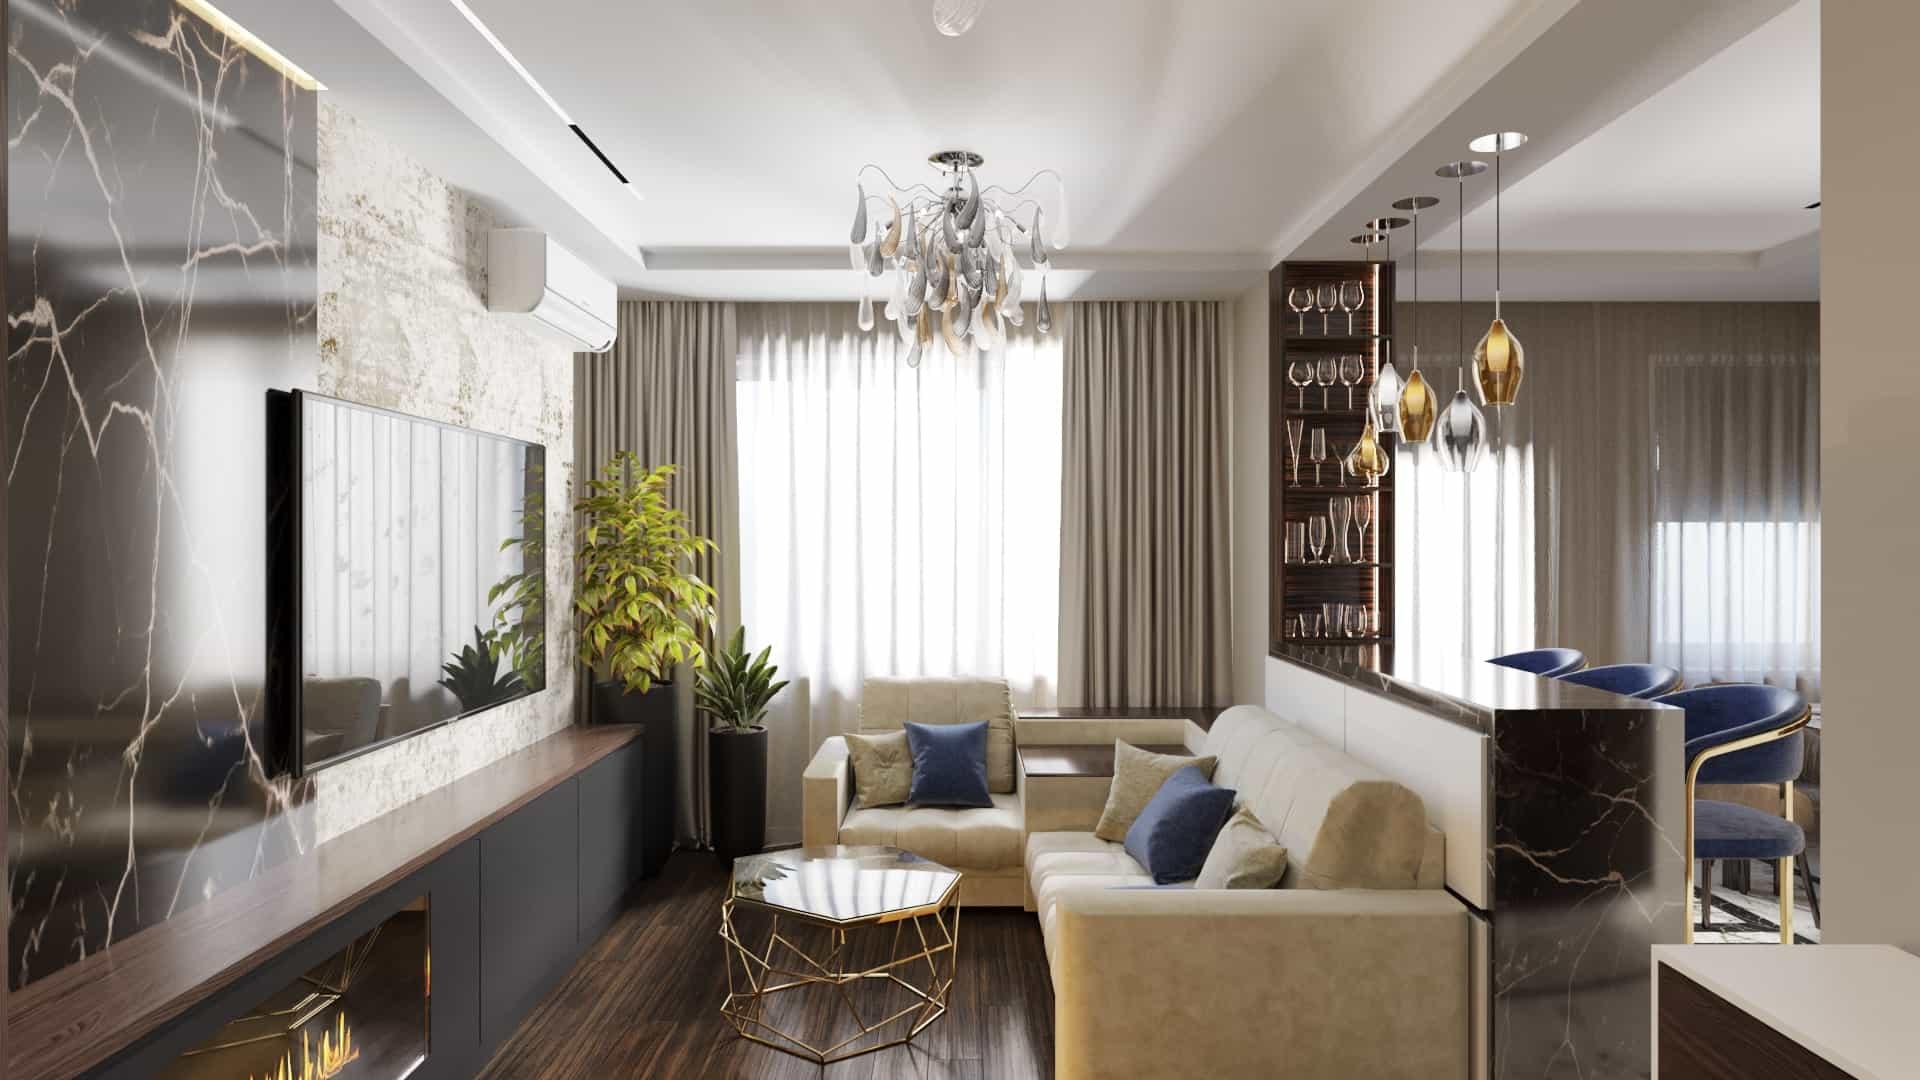 Эстетика уюта: интерьер трехкомнатной квартиры